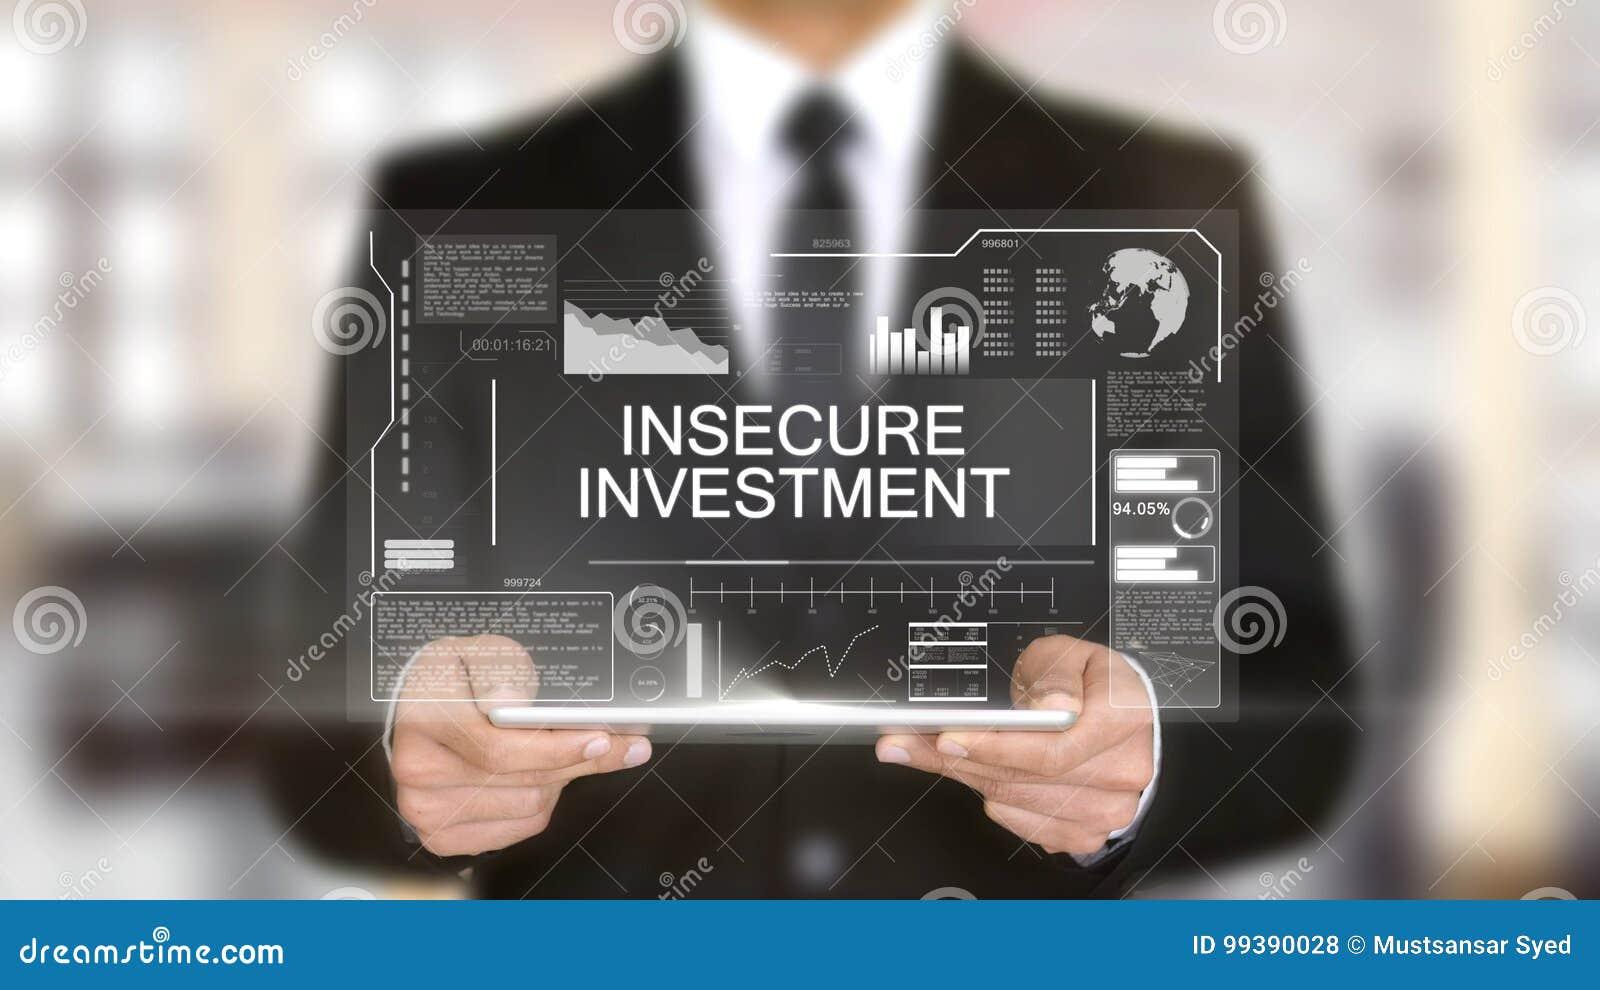 Η επισφαλής επένδυση, φουτουριστική διεπαφή ολογραμμάτων, αύξησε την εικονική πραγματικότητα